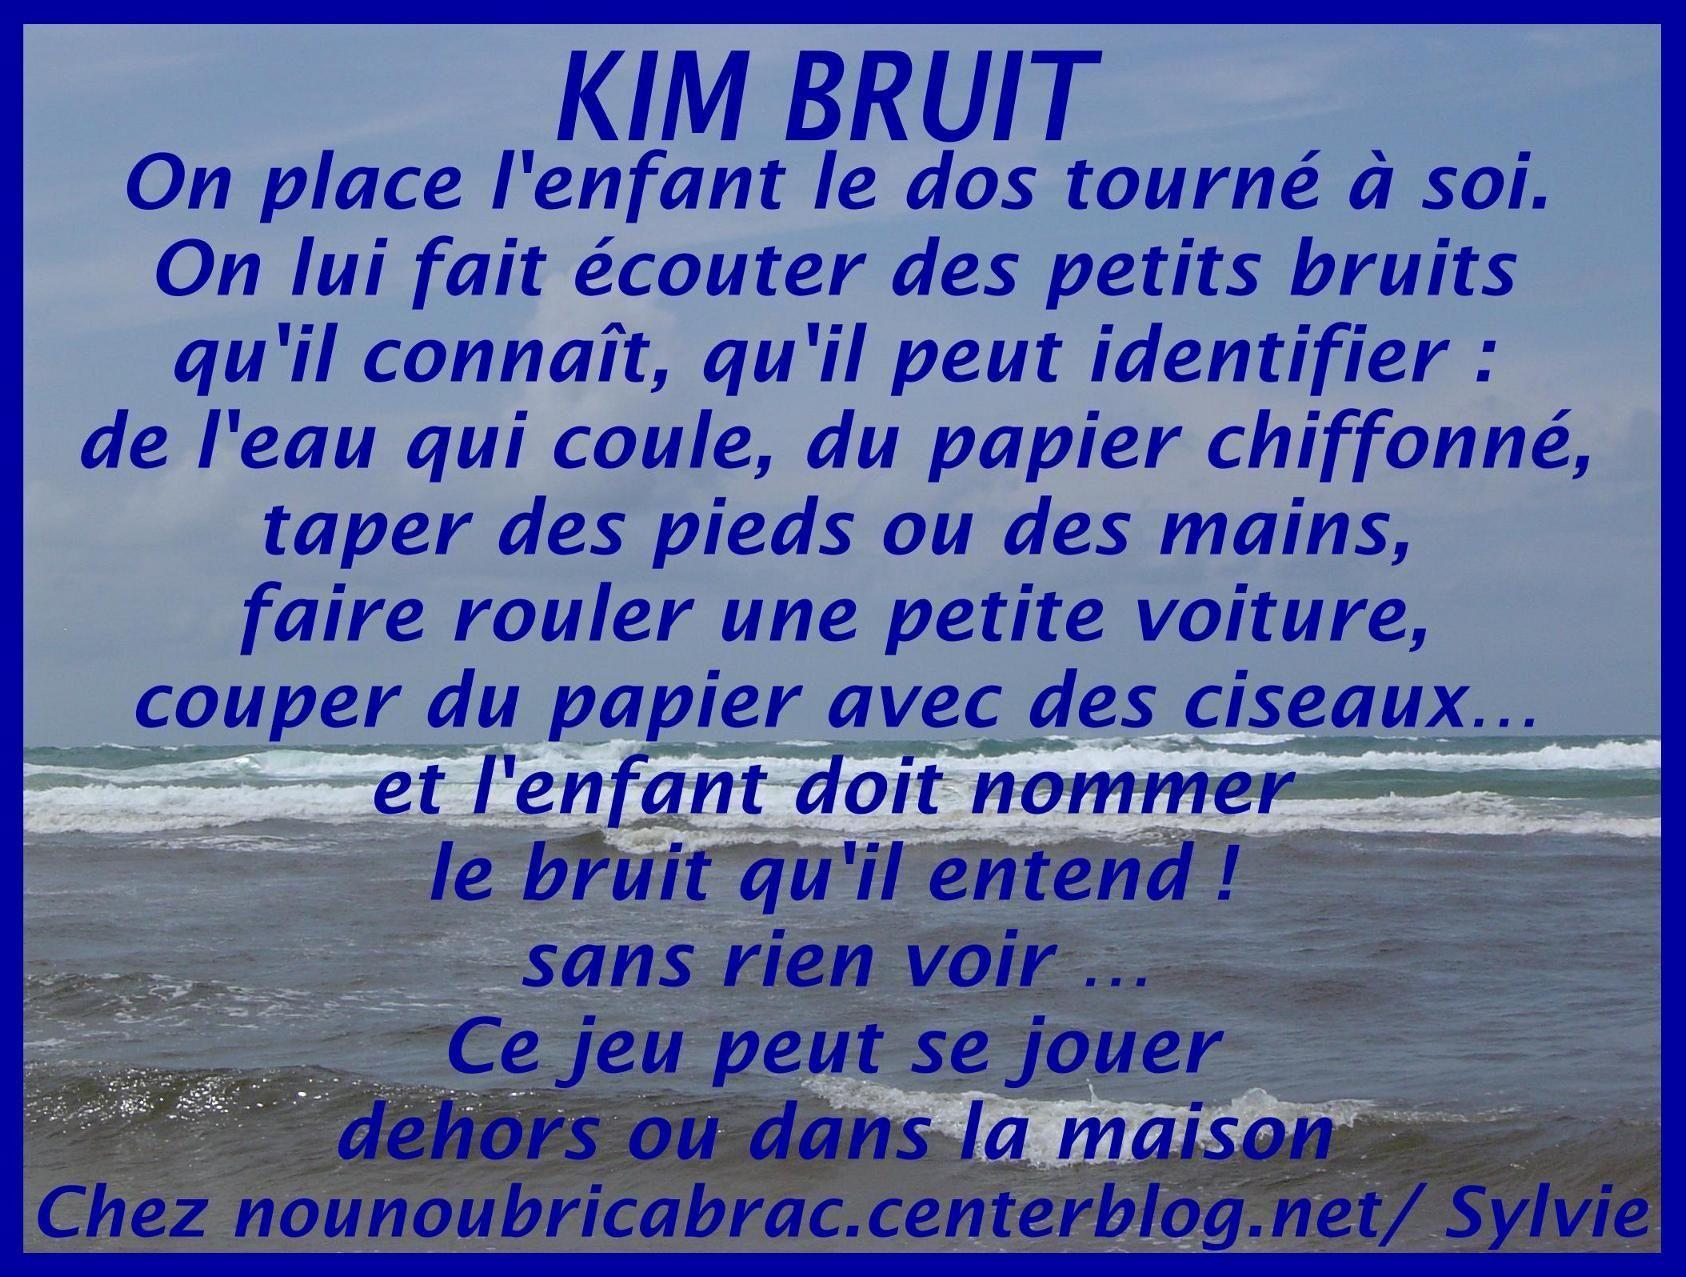 KIM BRUIT